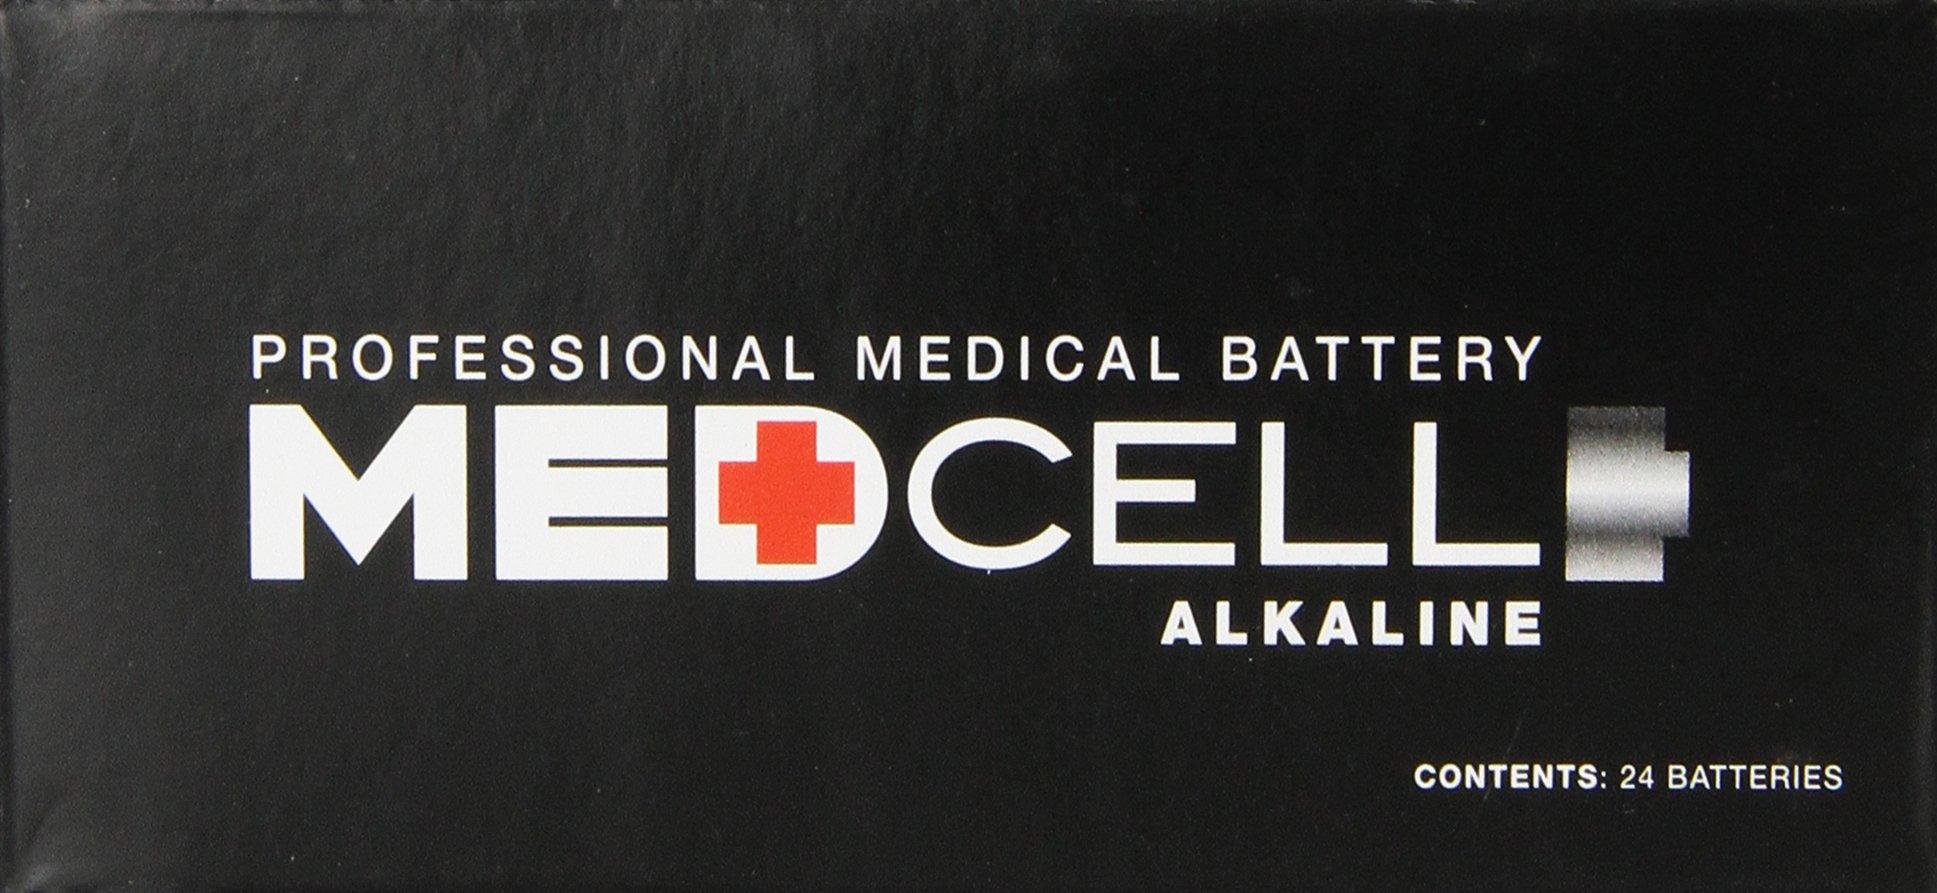 Medline Medcell Alkaline Batteries, 144 Count